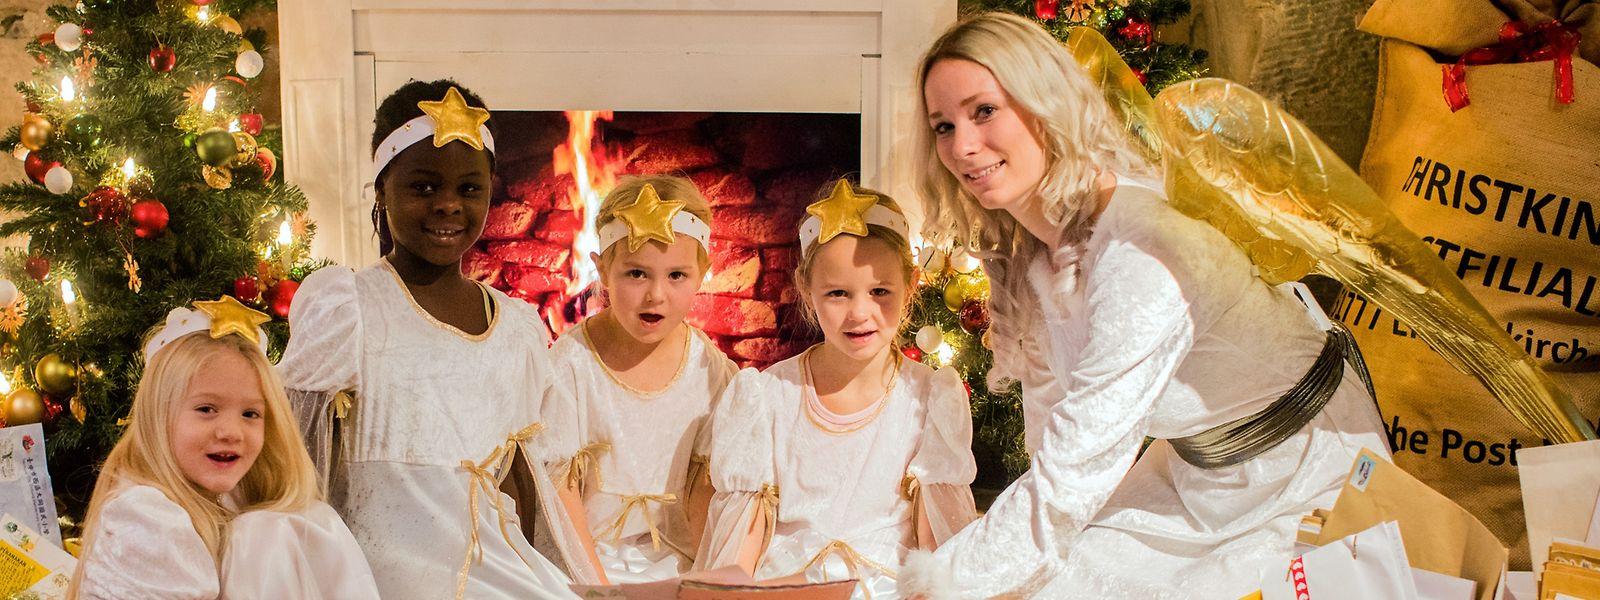 Das Christkind (rechts) beglückt die Kinder in Luxemburg, Österreich und katholischen Teilen Deutschlands.